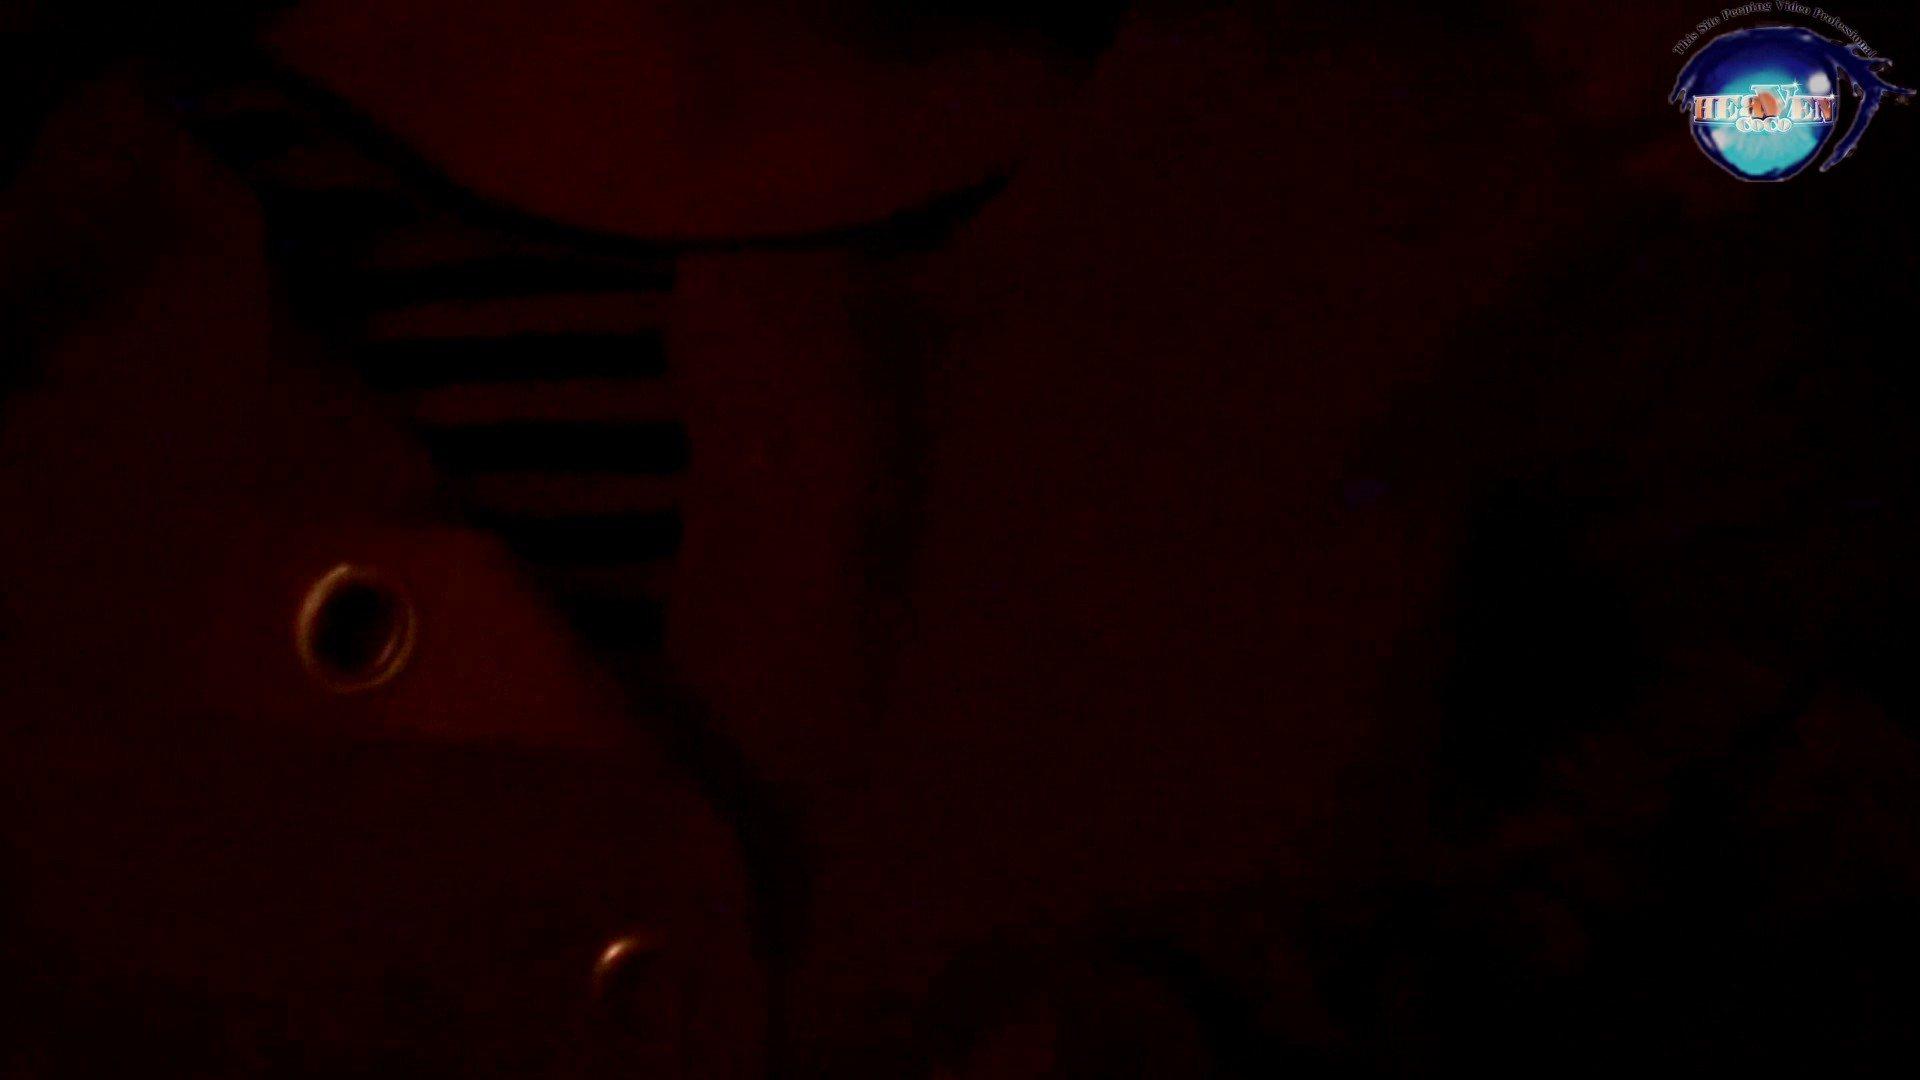 睡魔 シュウライ 第参壱話 前半 女子大生のエロ動画   イタズラ動画  94PIX 3